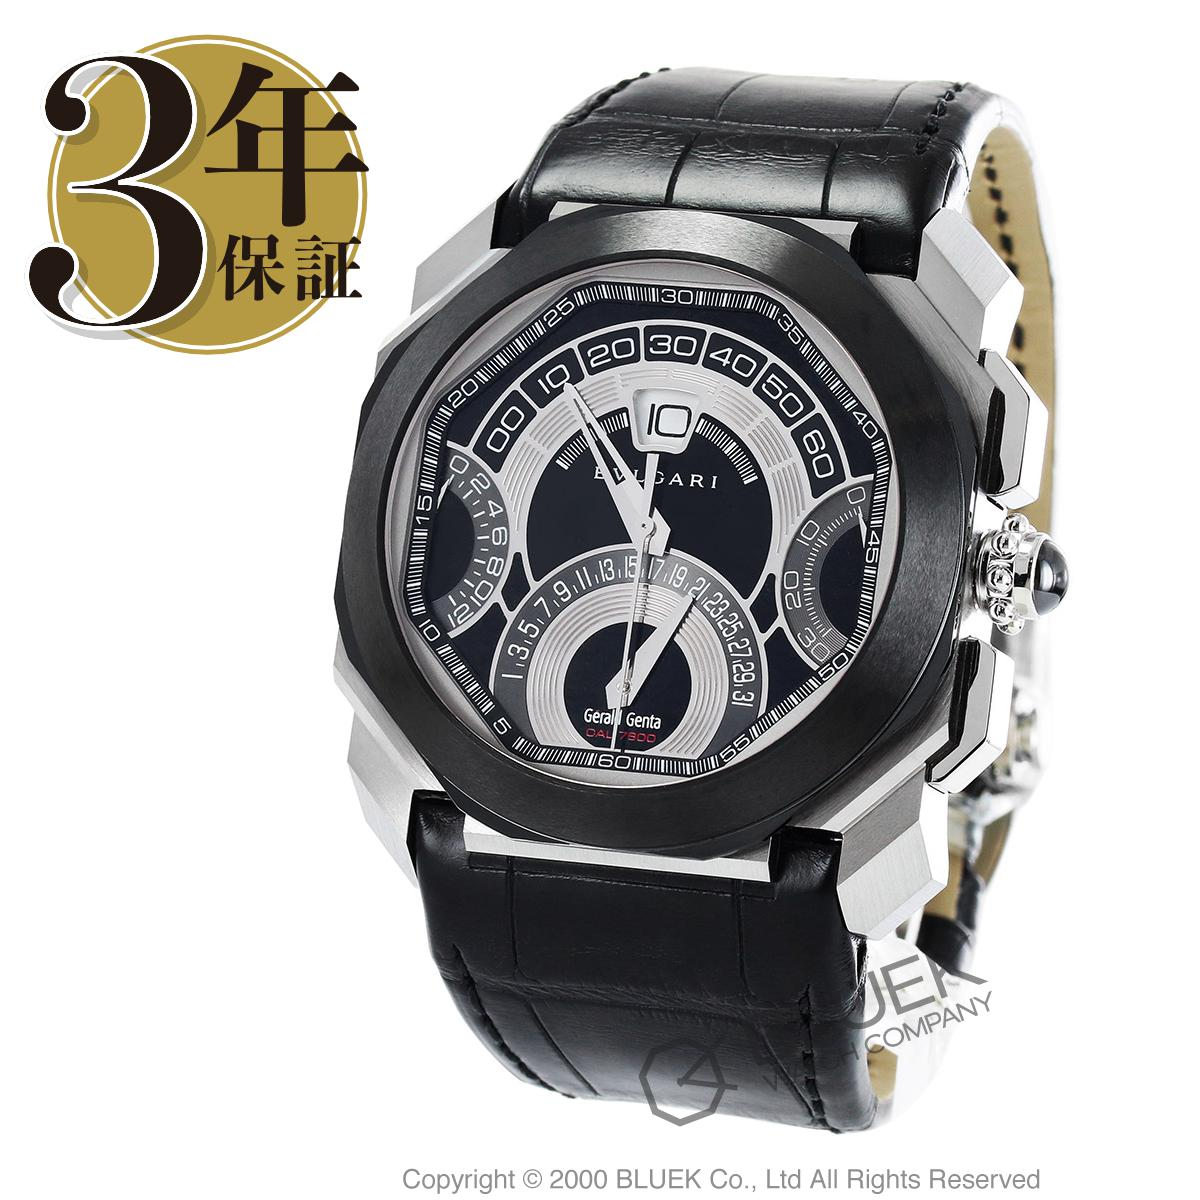 ブルガリ オクト ジェラルド・ジェンタ クアドリレトロ クロノグラフ アリゲーターレザー 腕時計 メンズ BVLGARI BGO45BSCLDCHQR_8